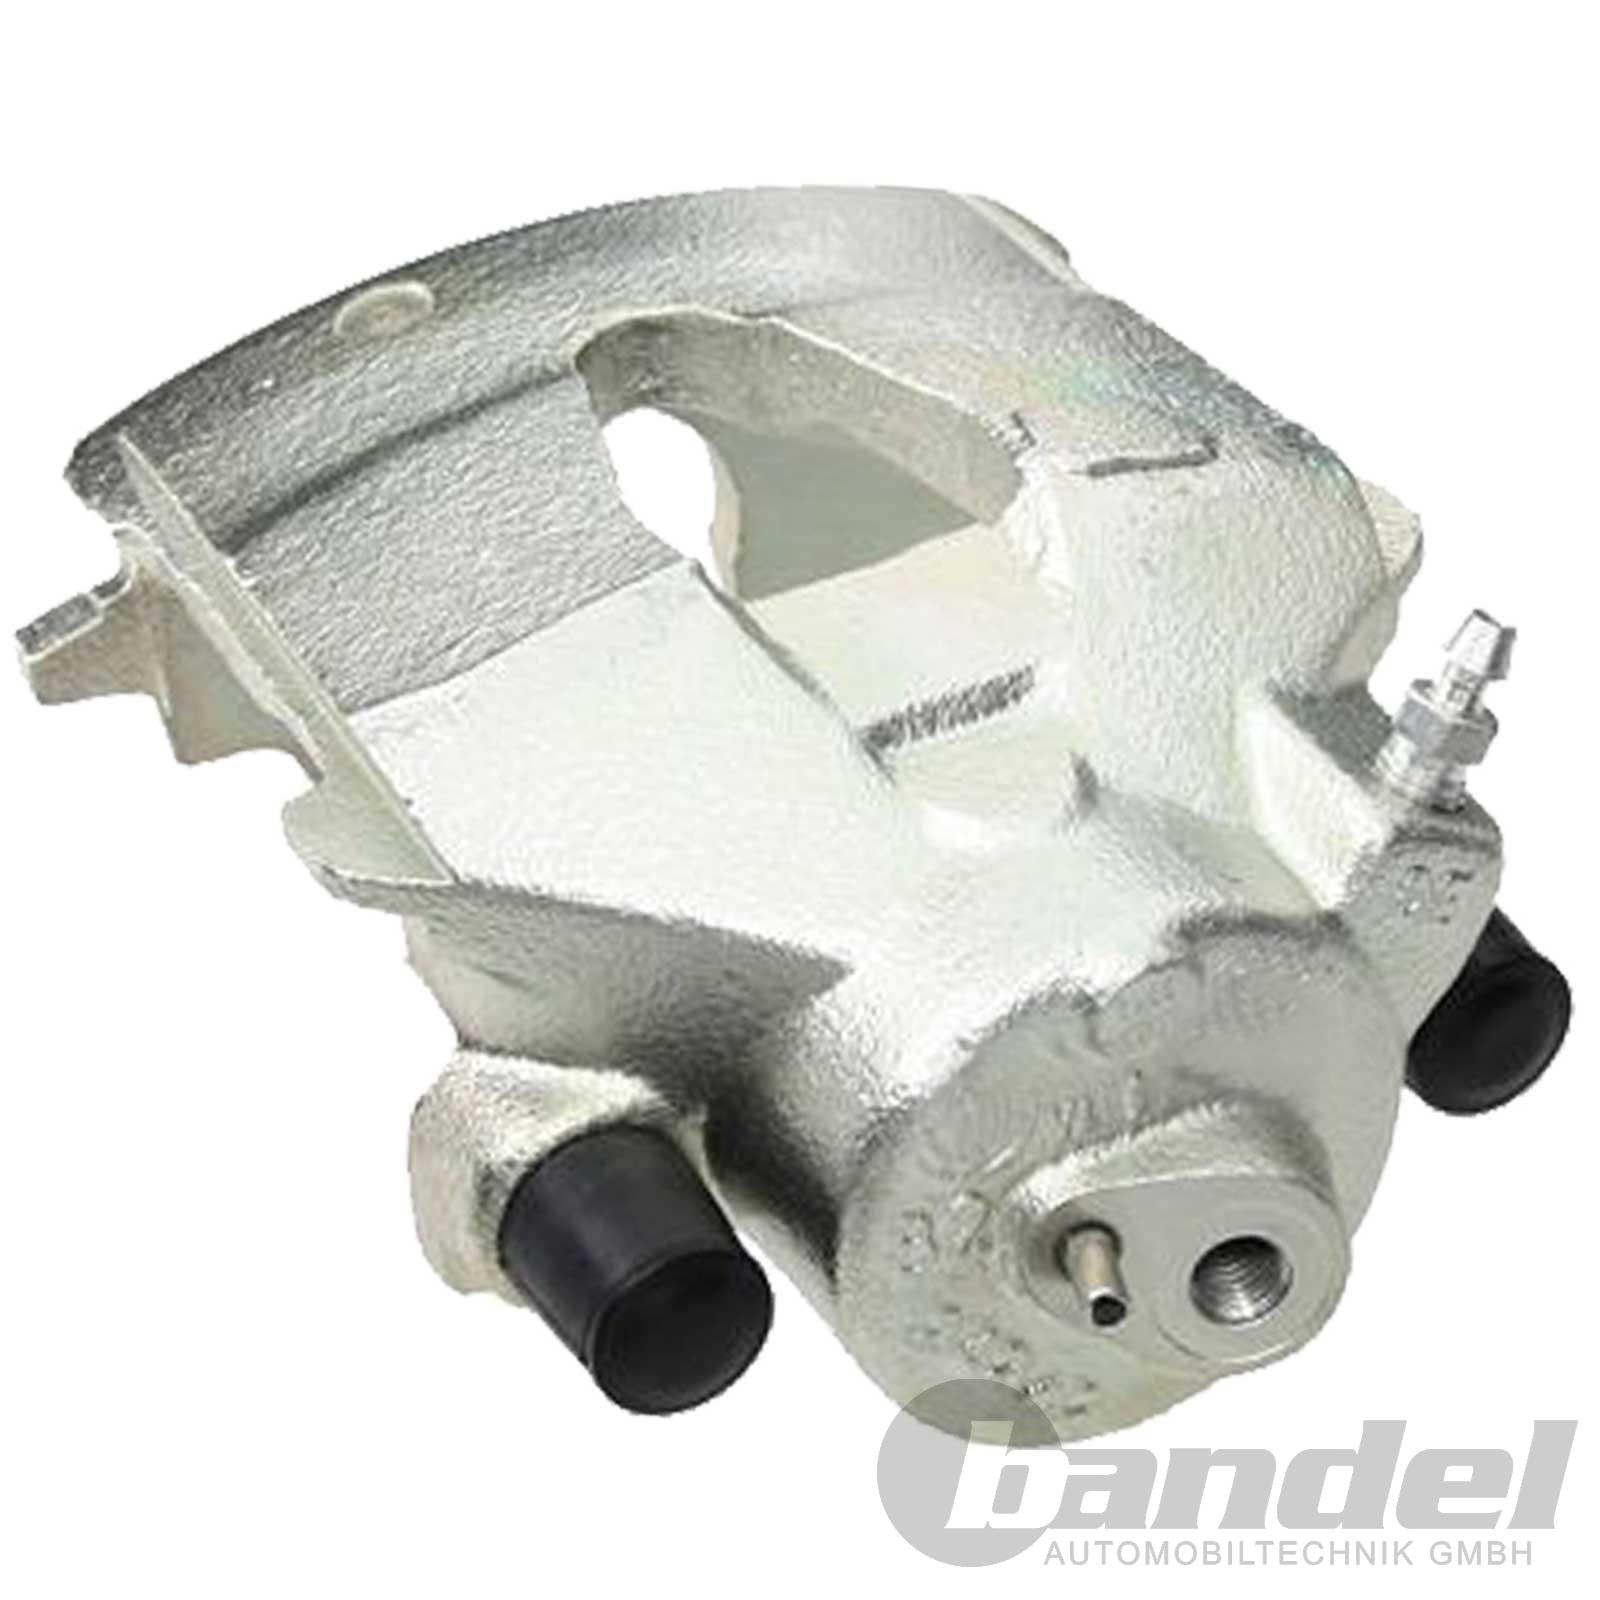 BREMSSATTEL ohne Pfand VORNE VORDERACHSE LINKS Audi A1 A2 A3 SEAT LEON IBIZA 4+5